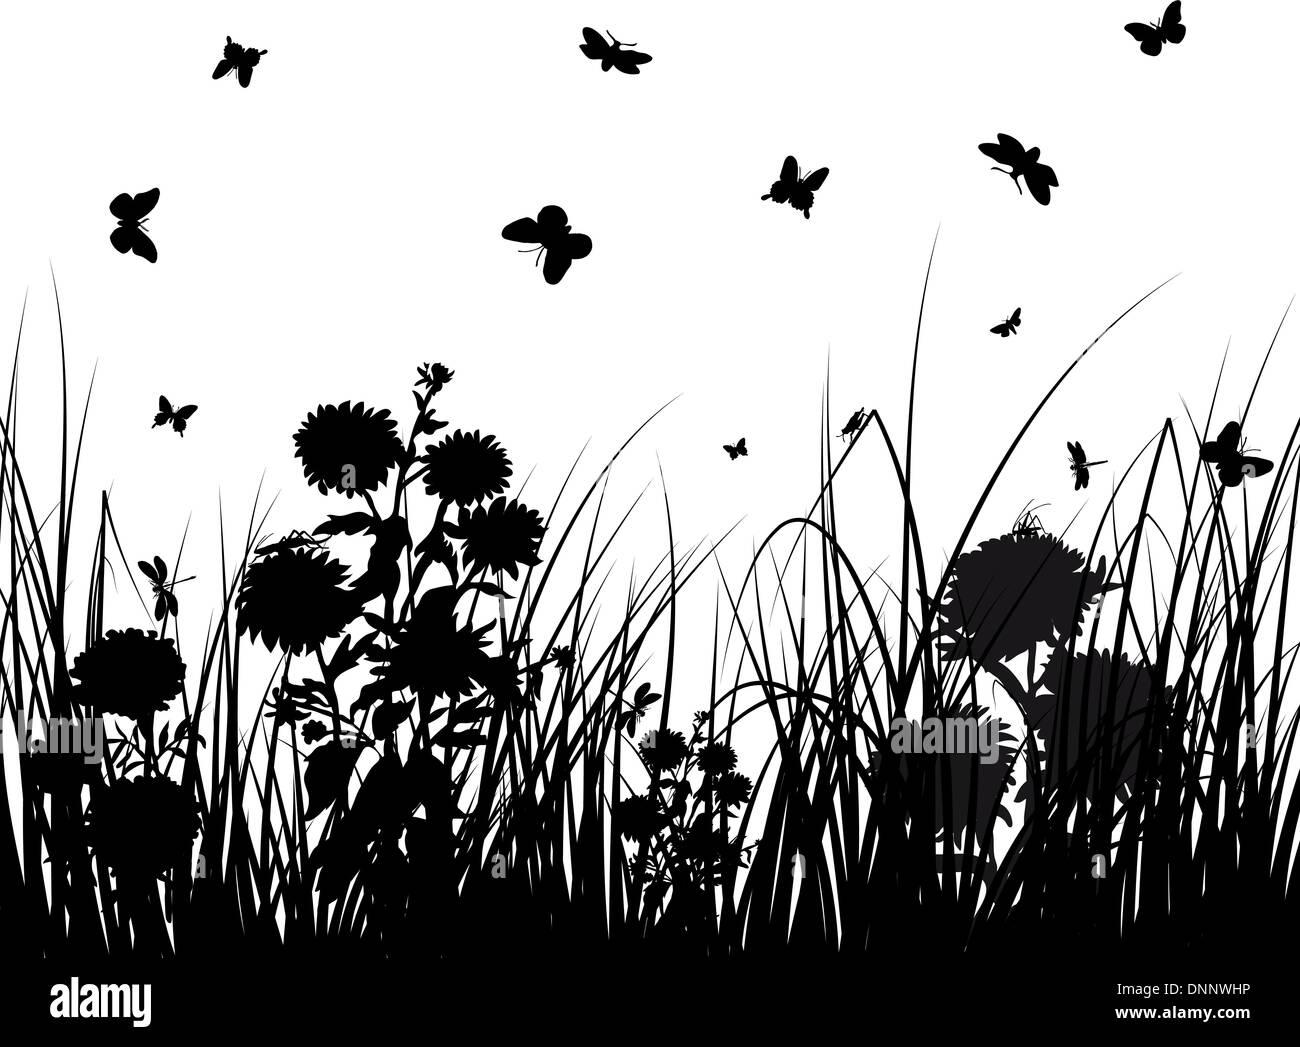 Vettore sagome di erba sfondi con farfalle Illustrazione Vettoriale